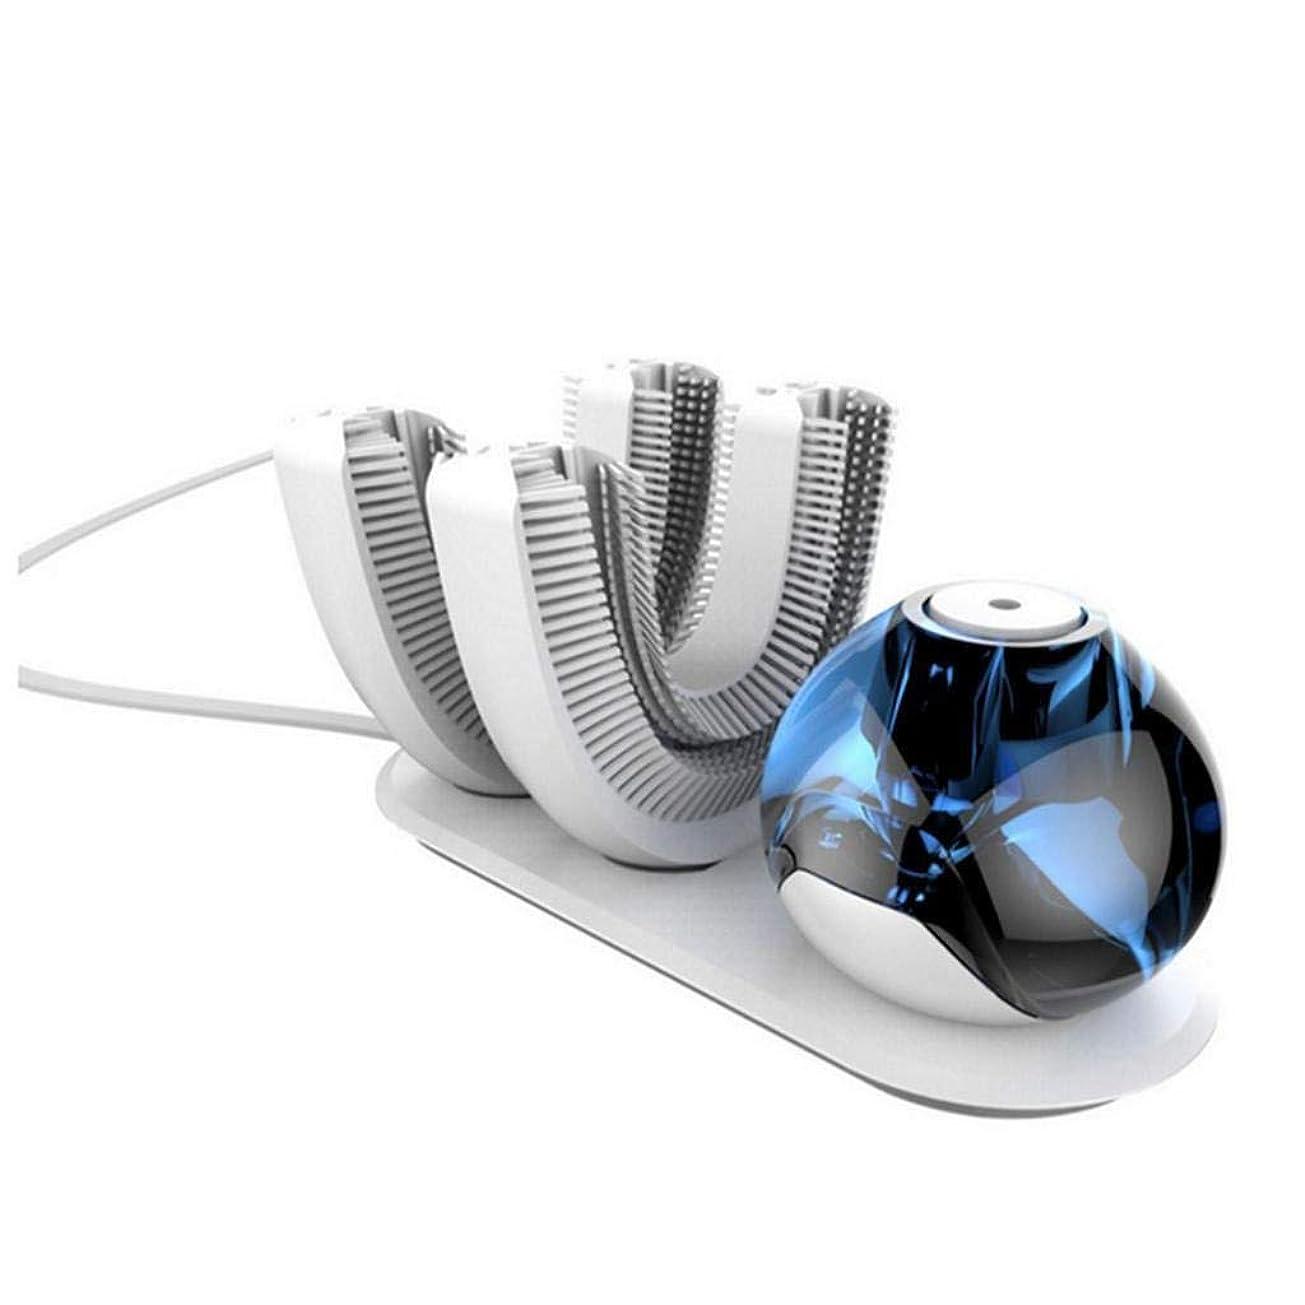 お手入れロバ地図HETAO クリエイティブ自動歯ブラシ、怠惰な、自動歯ブラシ電動歯ブラシワイヤレス充電式360°、歯ブラシヘッドのうちの2つは、白歯ブラシの歯に設計されています 白